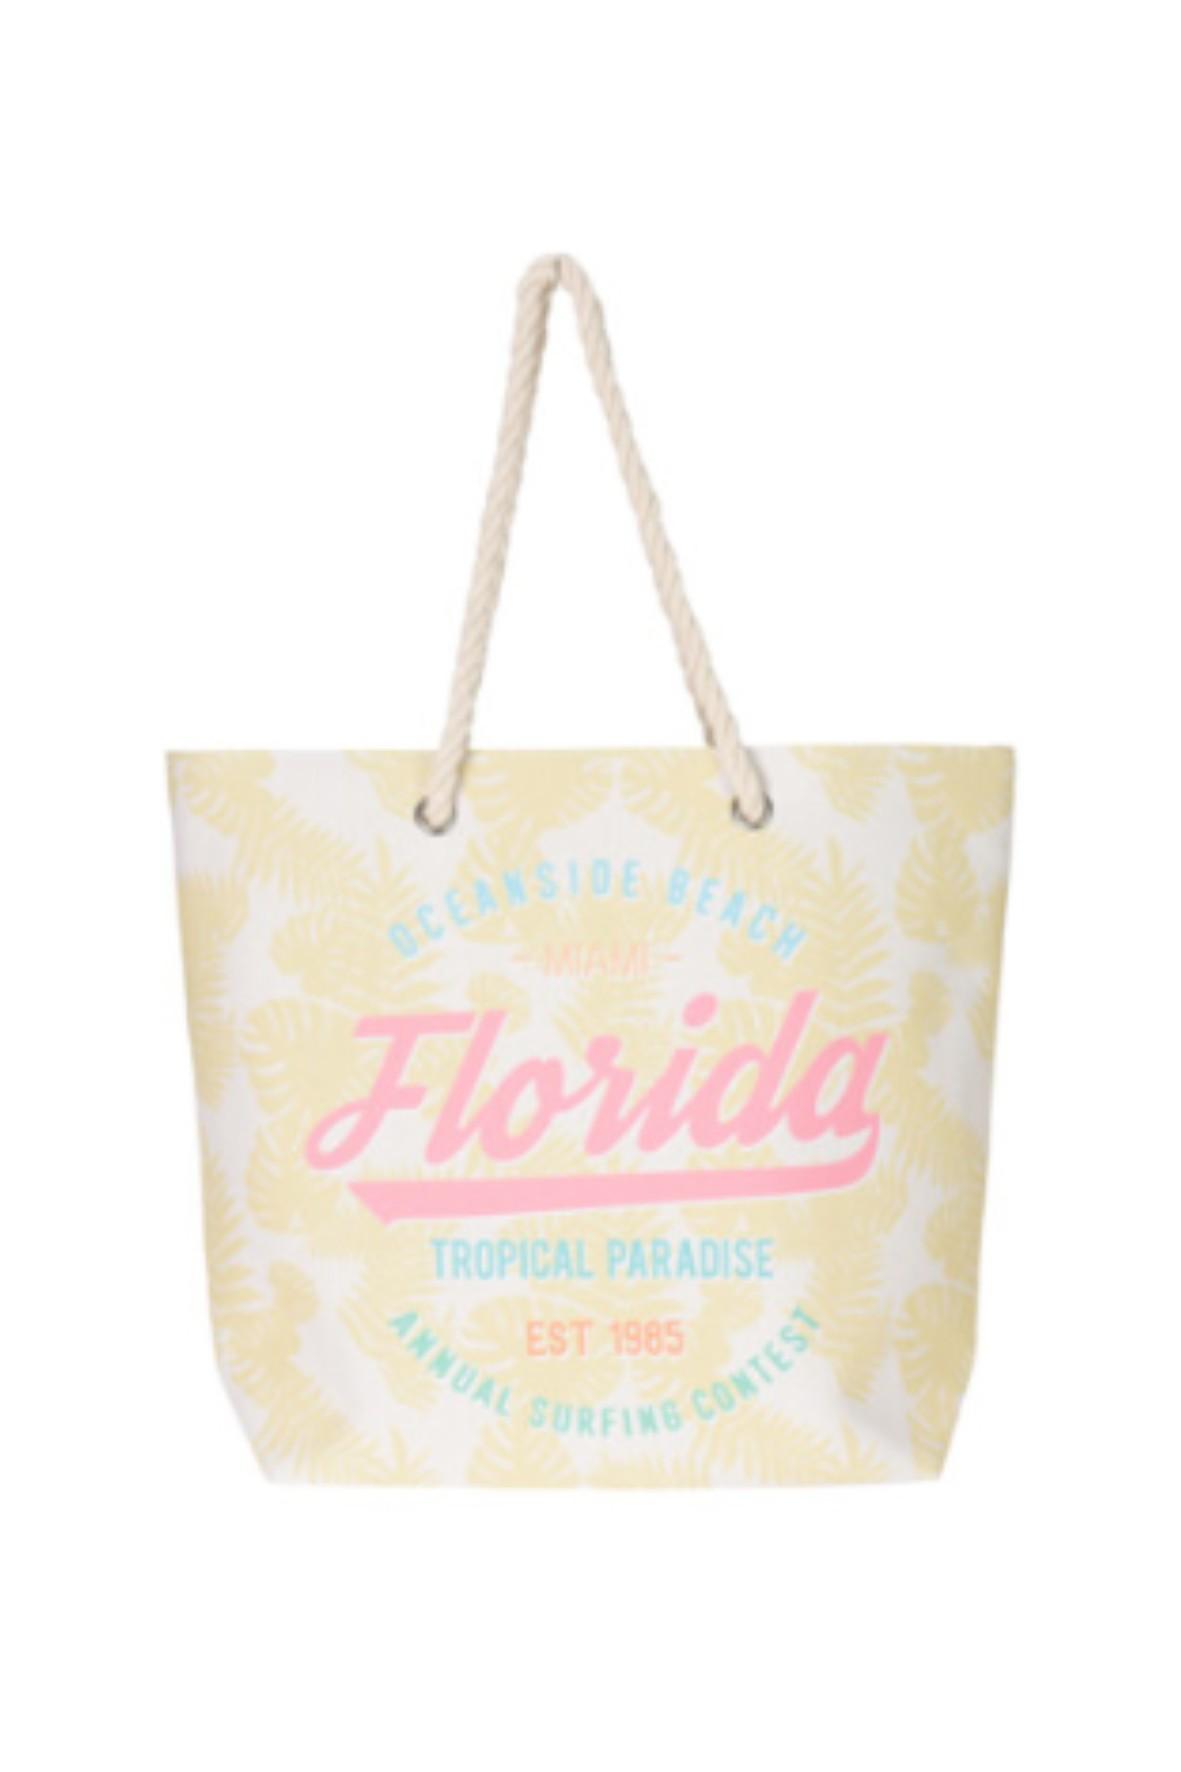 Torebka damska plażowa z wakacyjnym napisem Florida